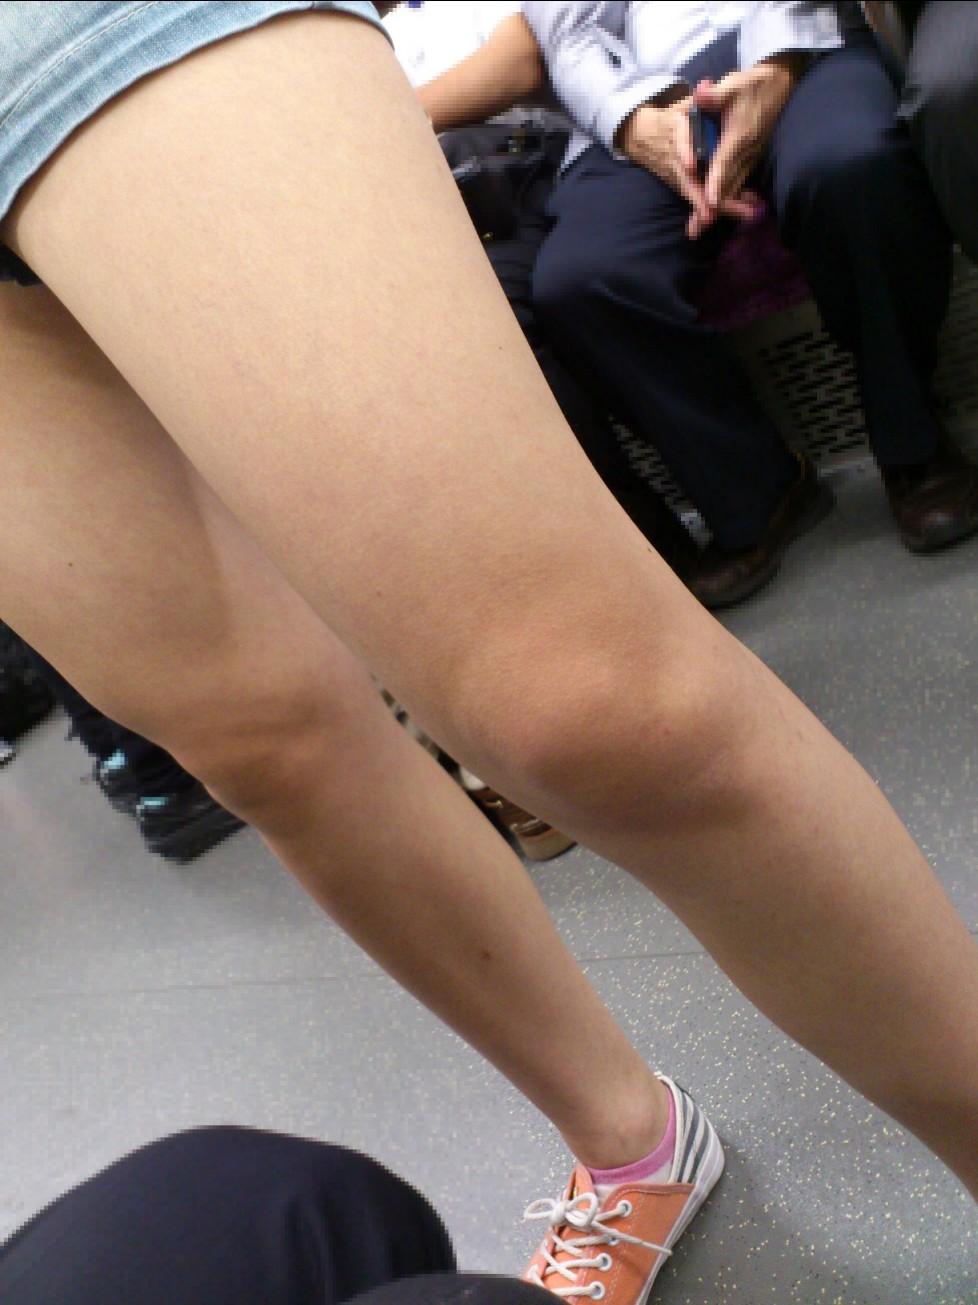 ショートパンツやミニスカの素人女子を接写で街撮りしたお尻や太ももやパンチラ画像 963